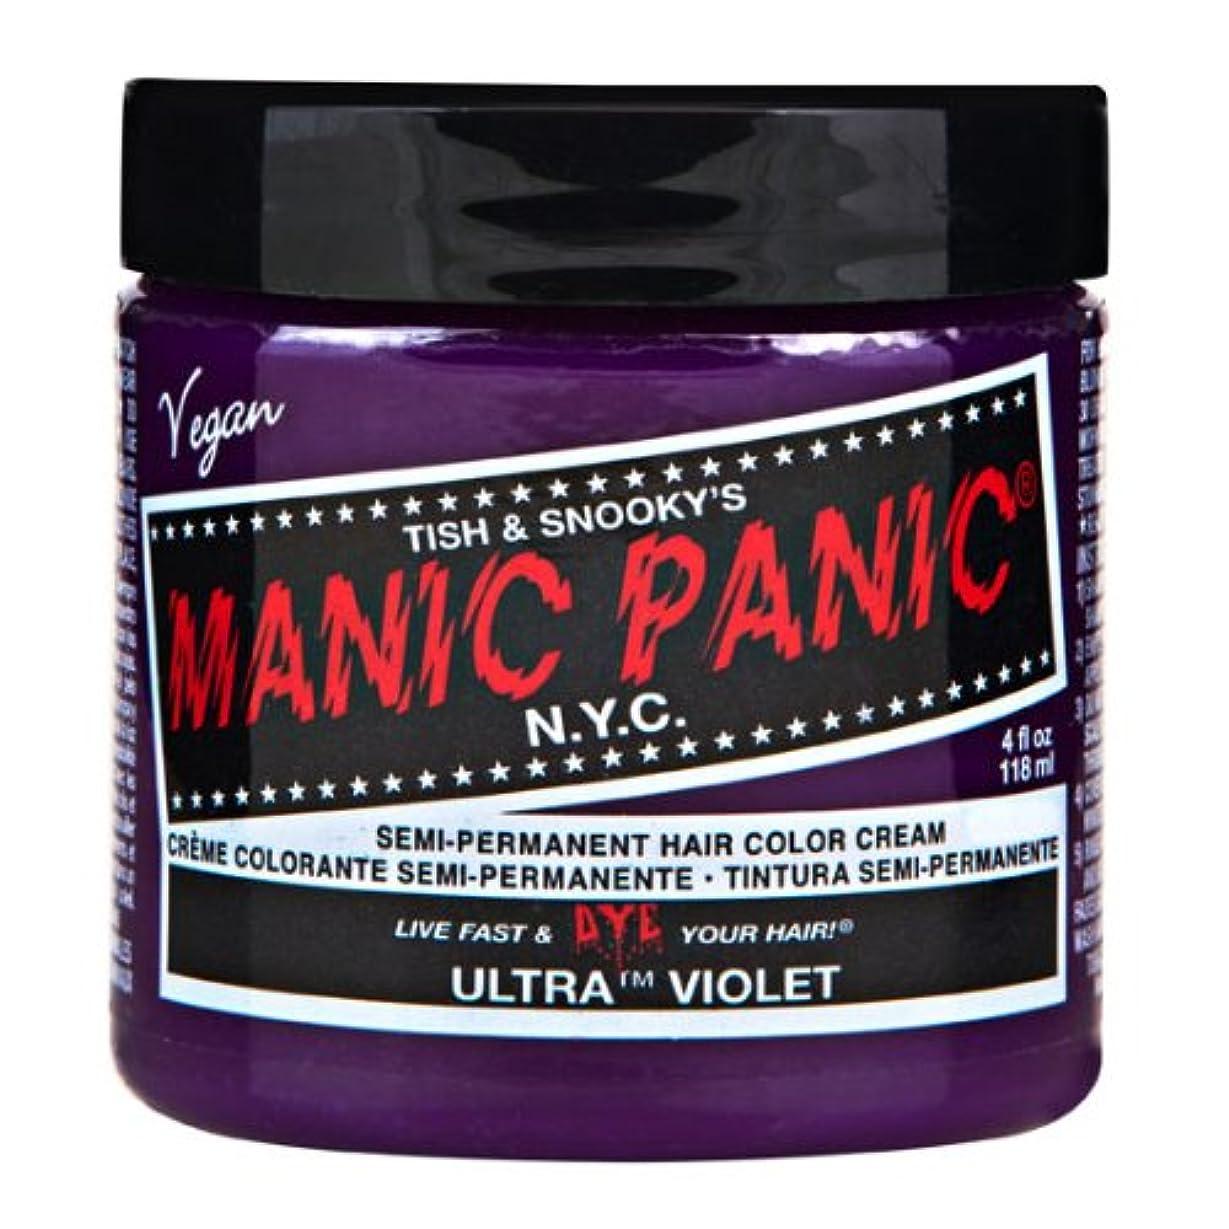 マニックパニック MANIC PANIC ヘアカラー 118mlウルトラヴァイオレット ヘアーカラー